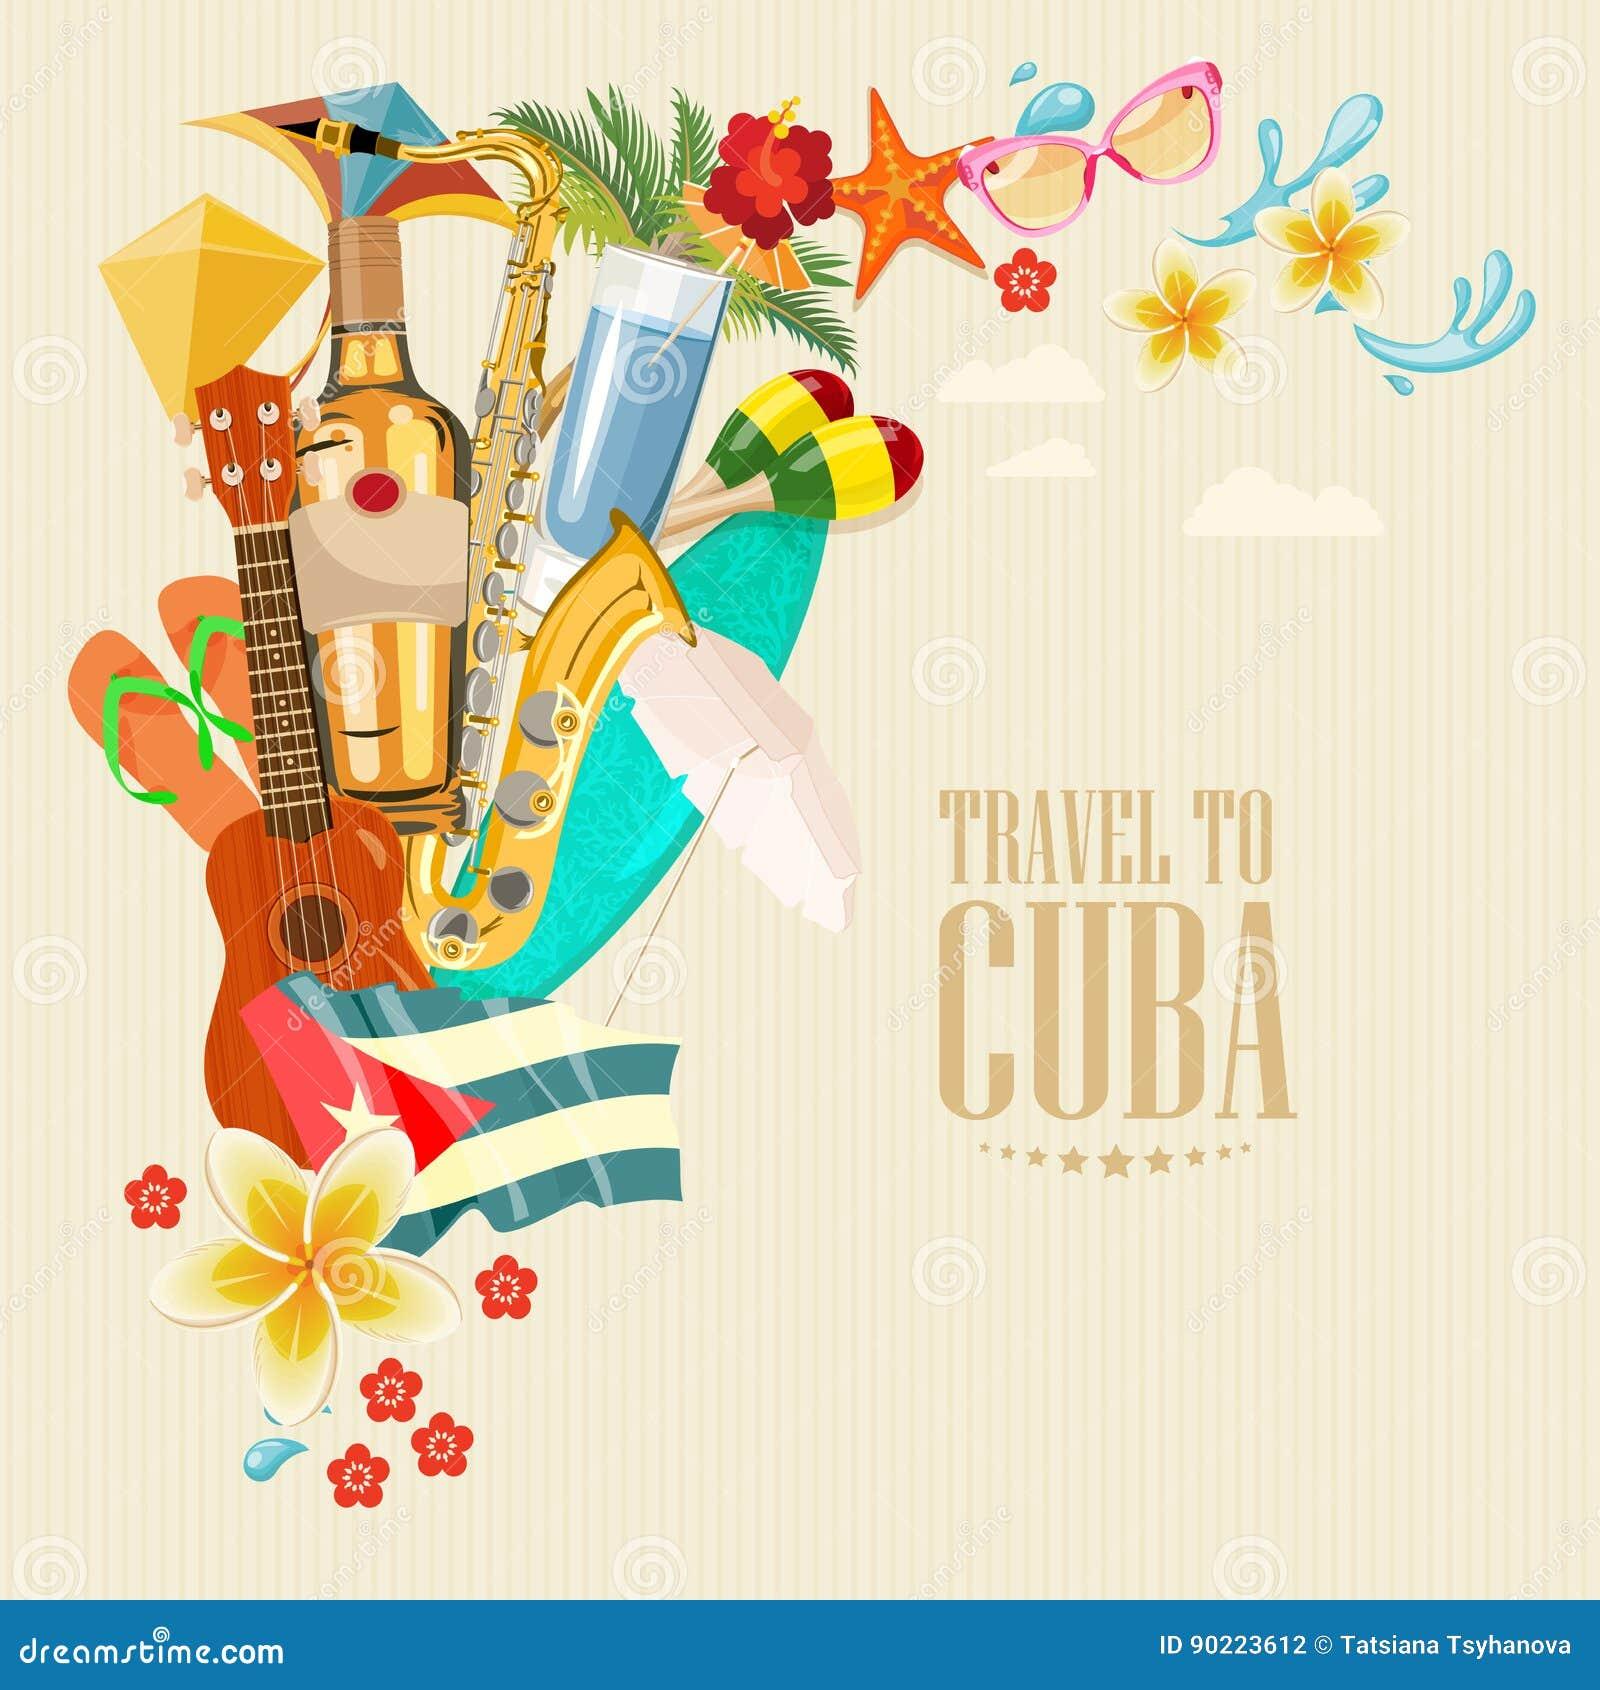 Ζωηρόχρωμη έννοια καρτών ταξιδιού της Κούβας Αφίσα ταξιδιού Διανυσματική απεικόνιση με τον κουβανικό πολιτισμό